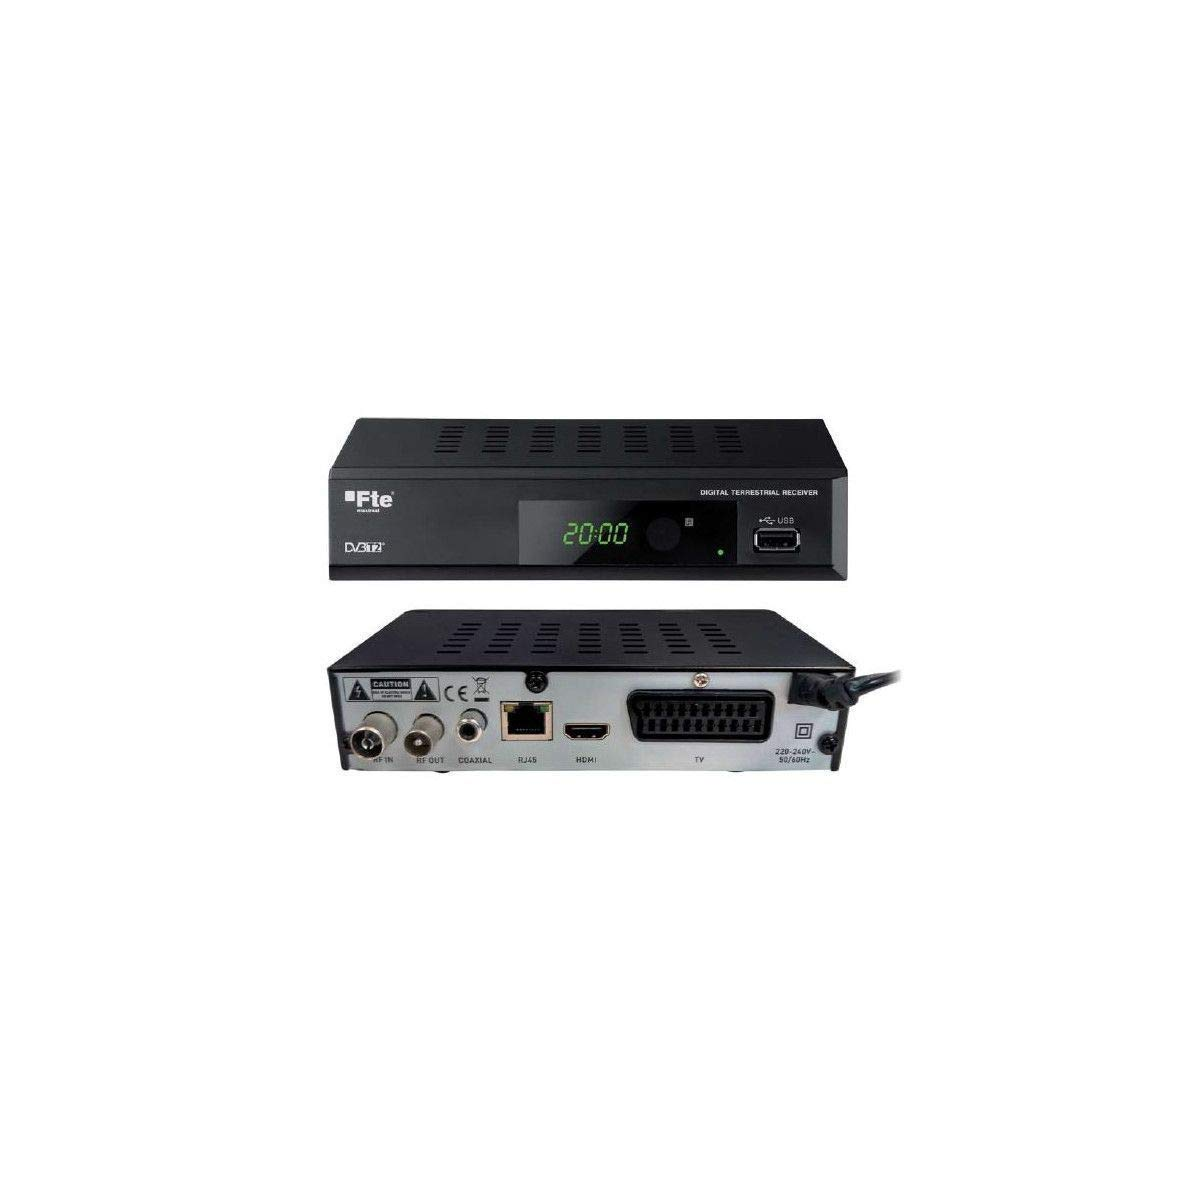 RECEPTOR TDT FTE MAX T200 HD DVB-T2HD H265